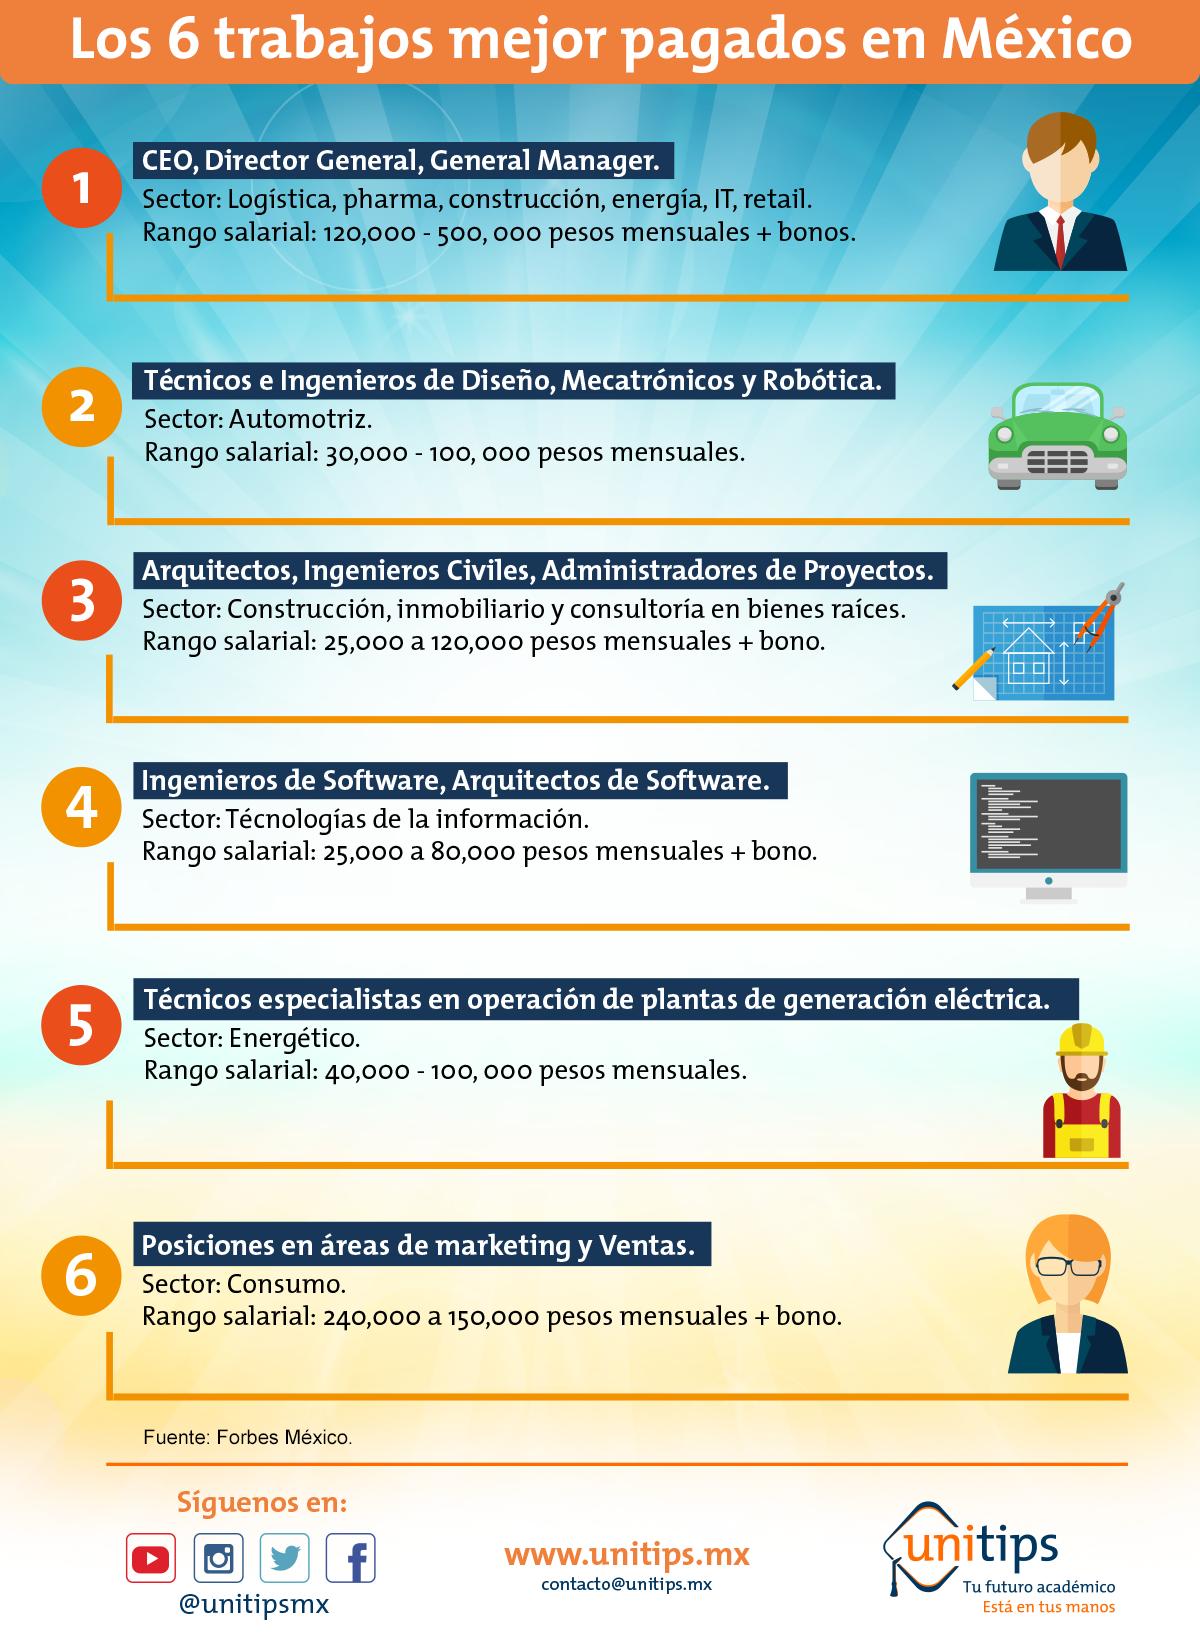 Los 6 trabajos mejor pagados en México